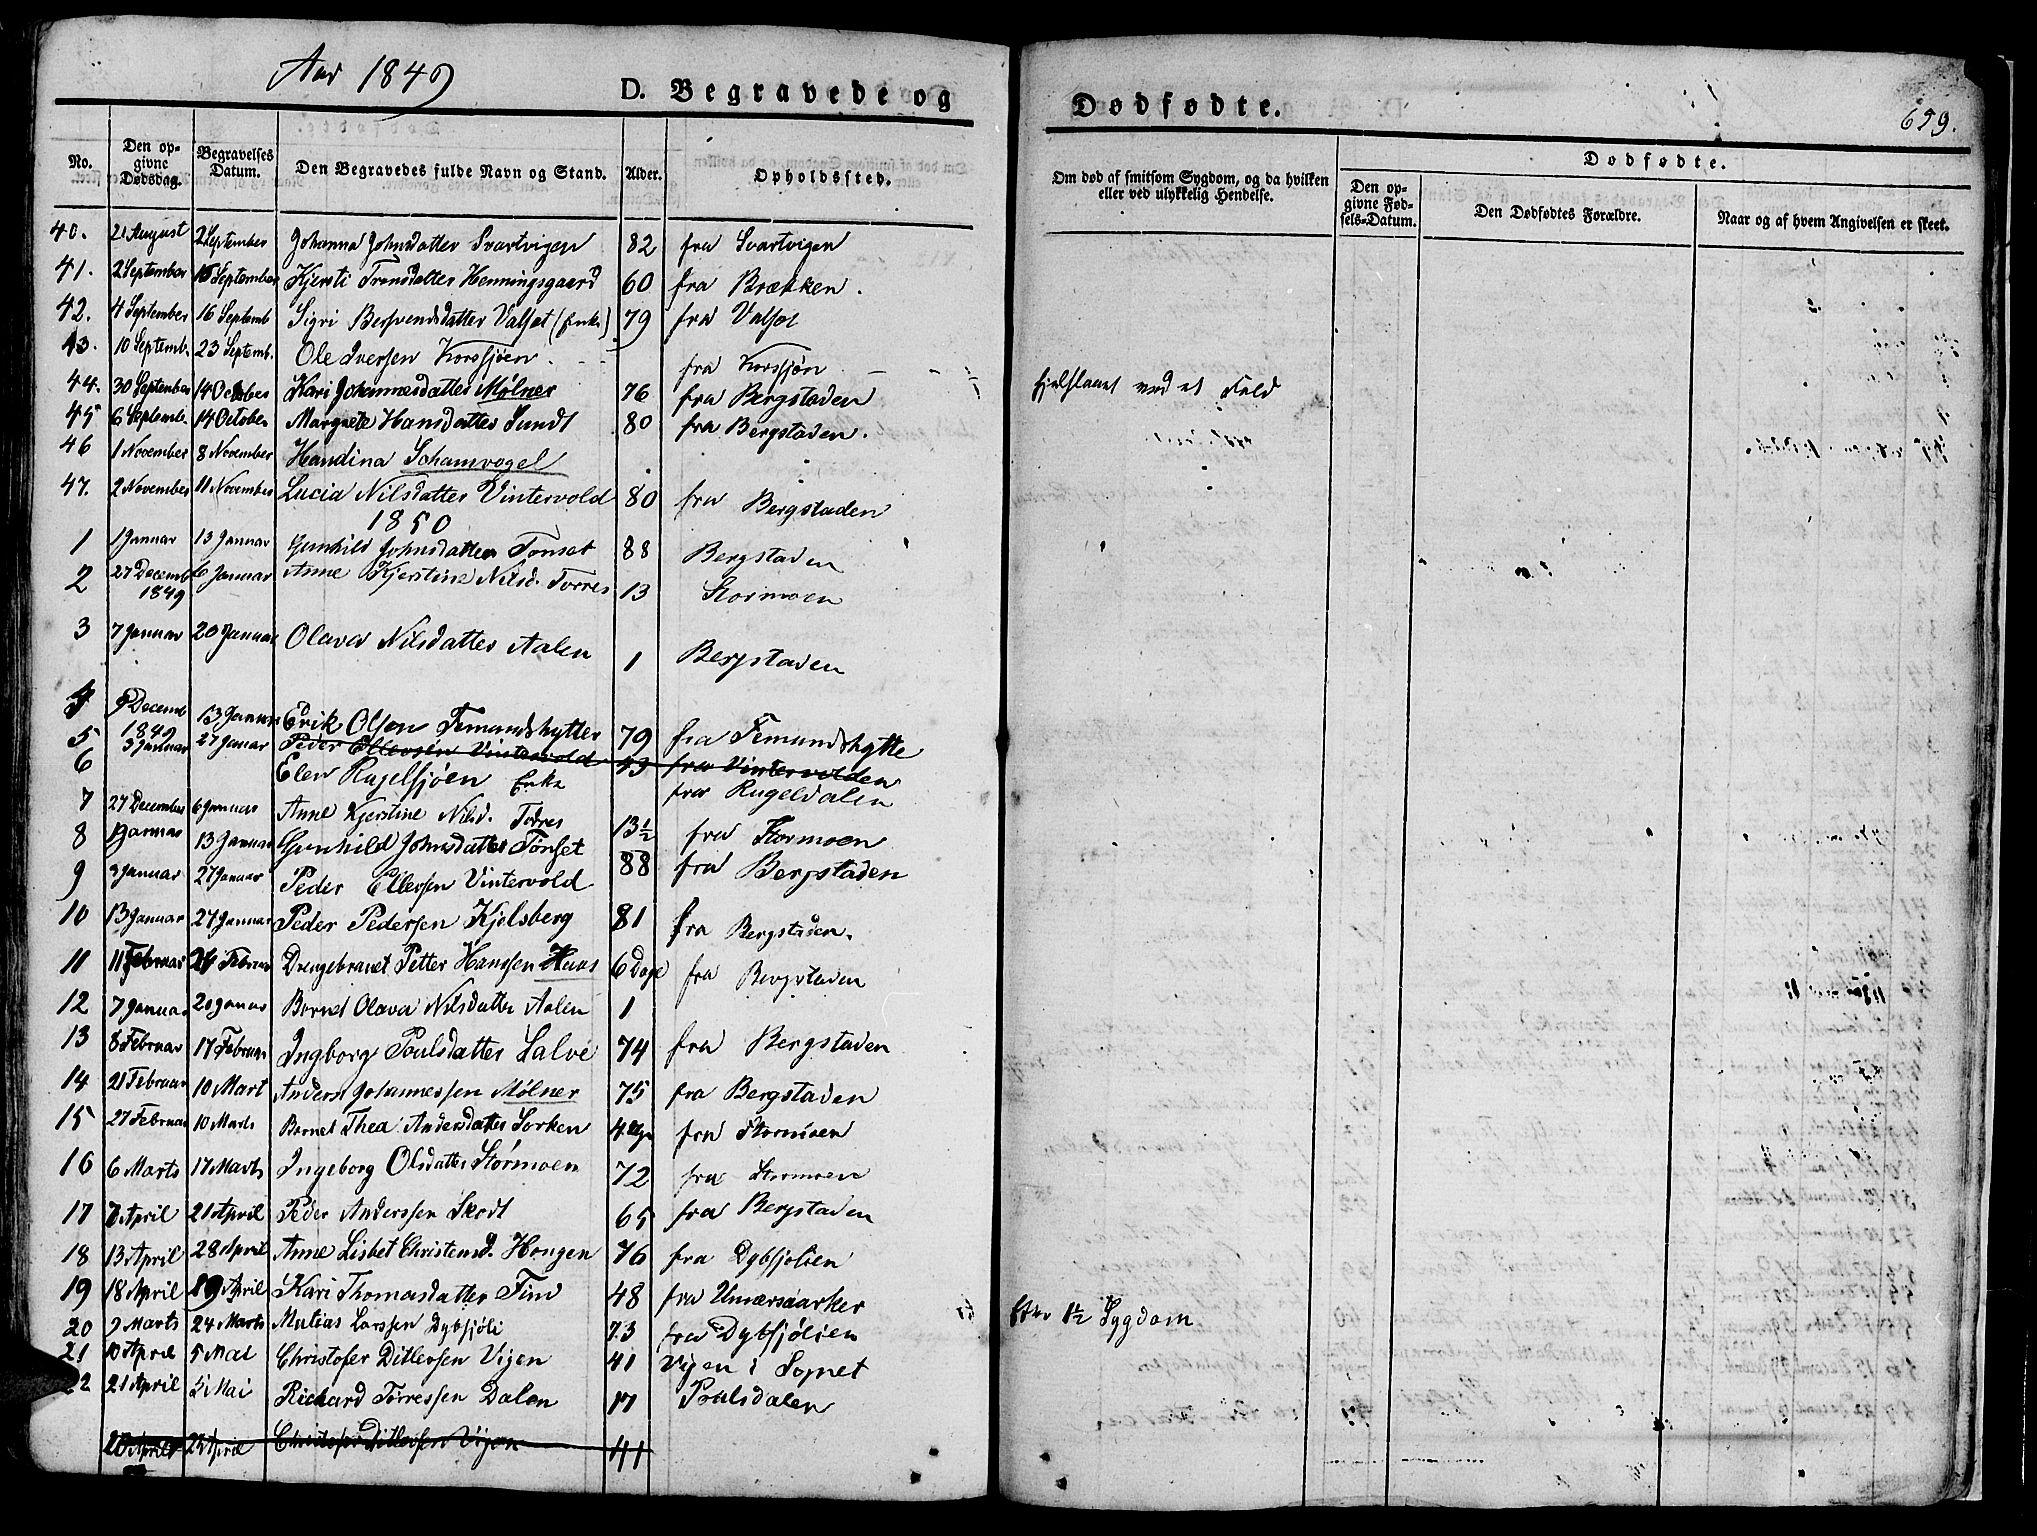 SAT, Ministerialprotokoller, klokkerbøker og fødselsregistre - Sør-Trøndelag, 681/L0939: Klokkerbok nr. 681C03, 1829-1855, s. 659